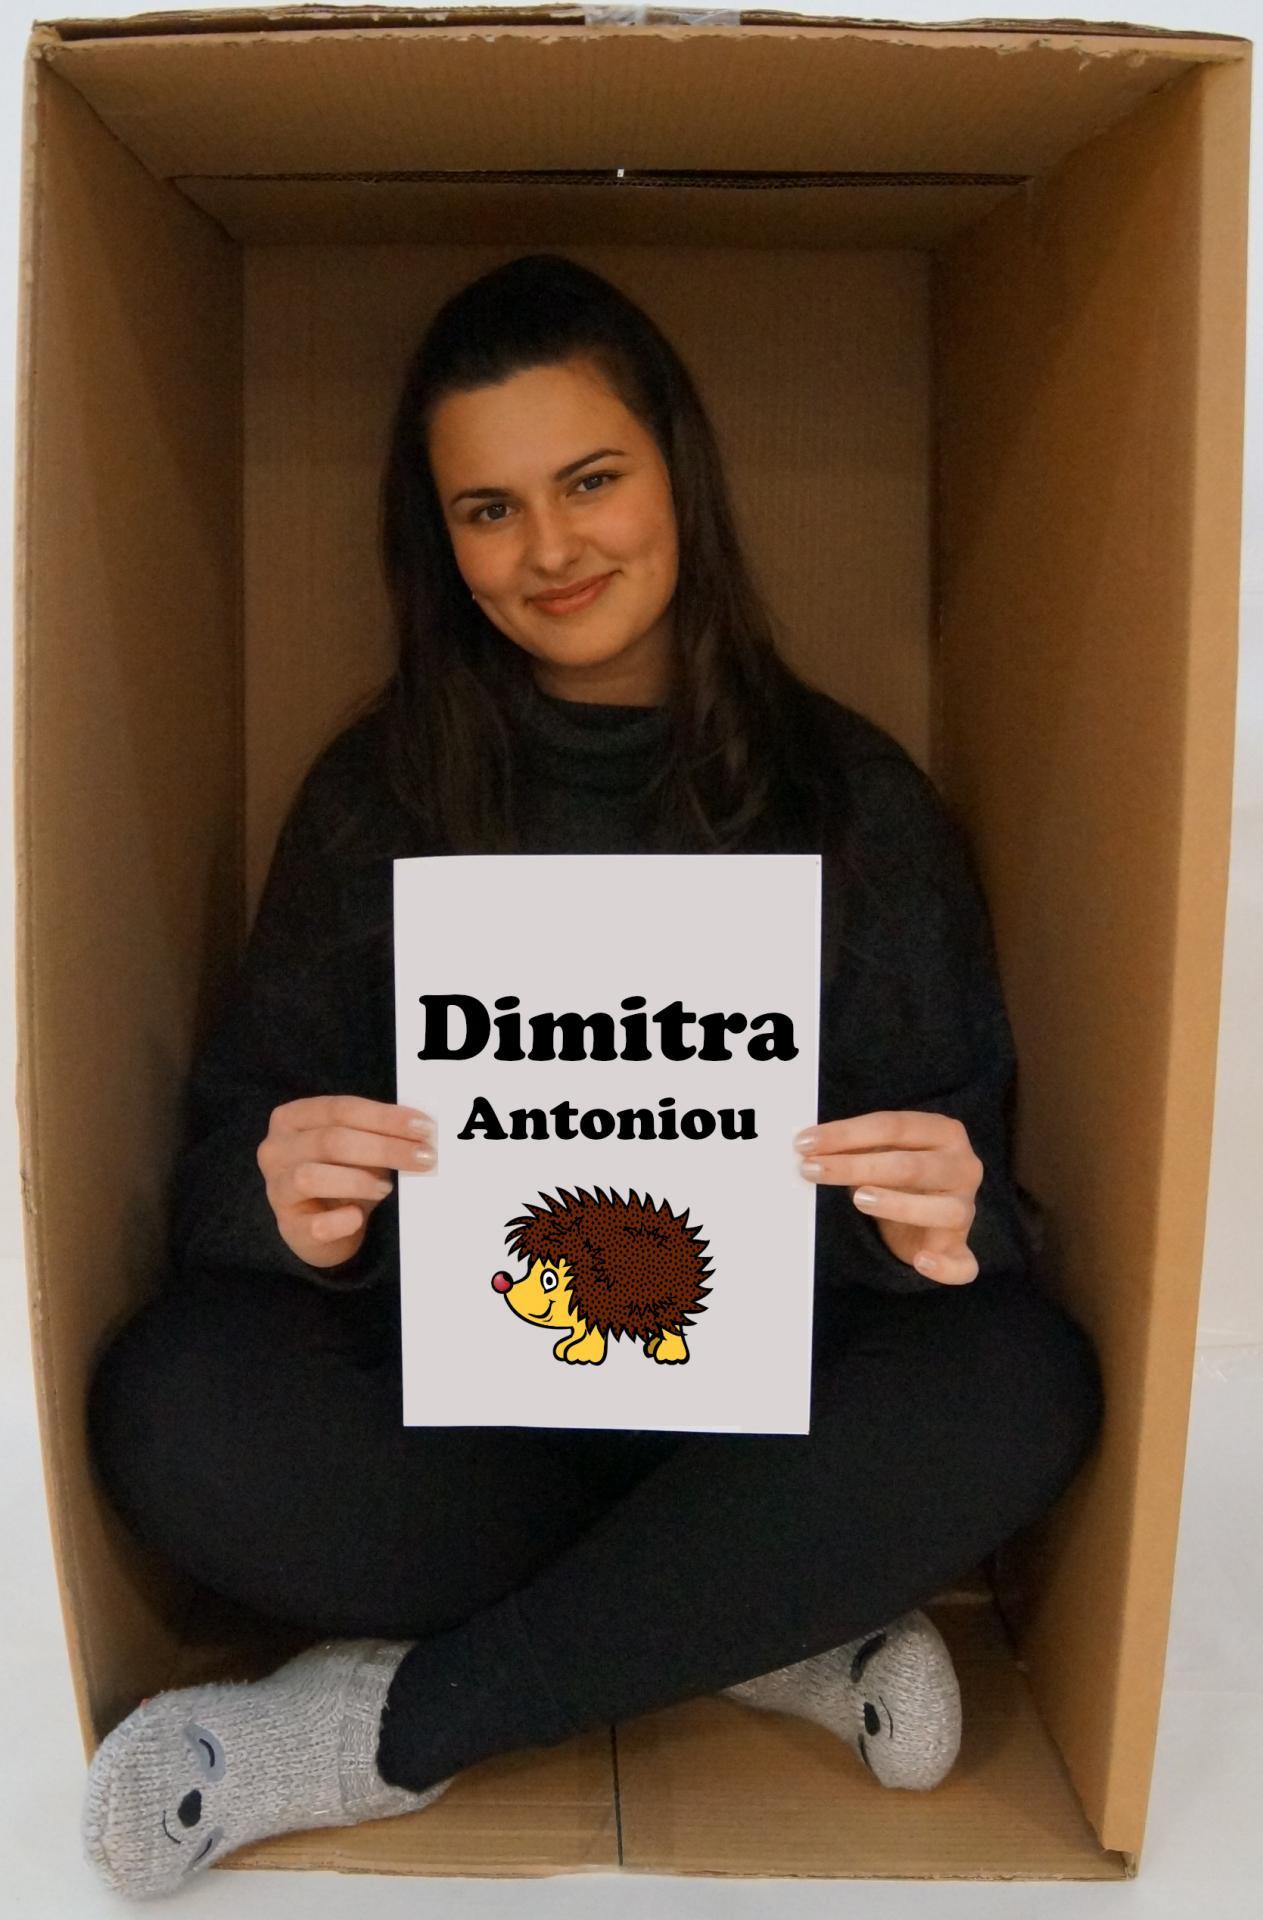 Dimitra Antoniou